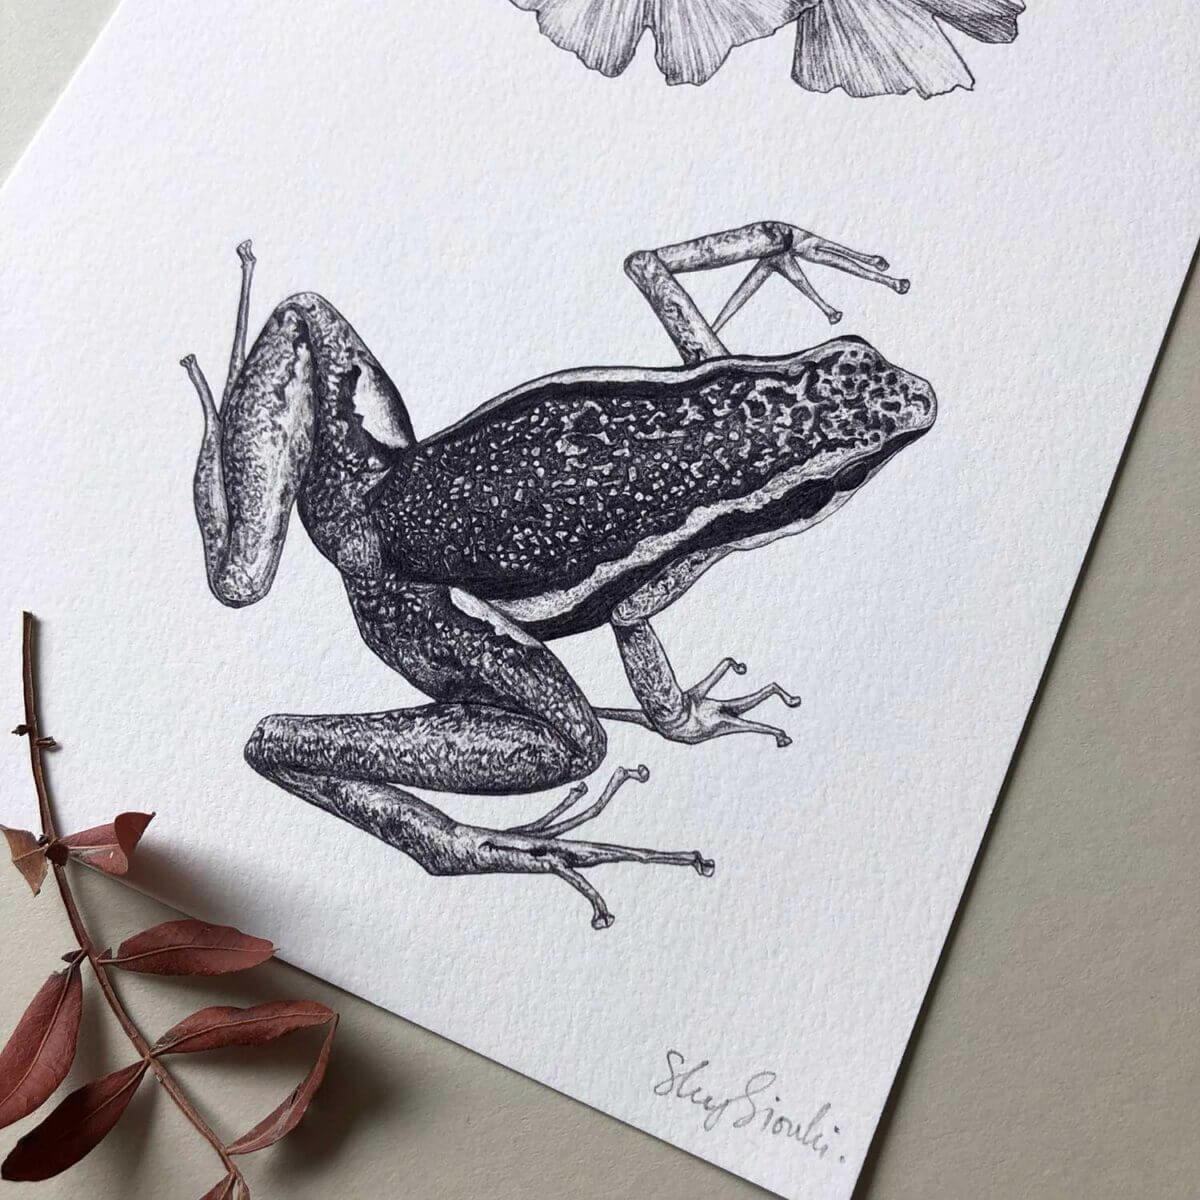 Poison-Dart-Frog-Print-Detail-Sky-Siouki